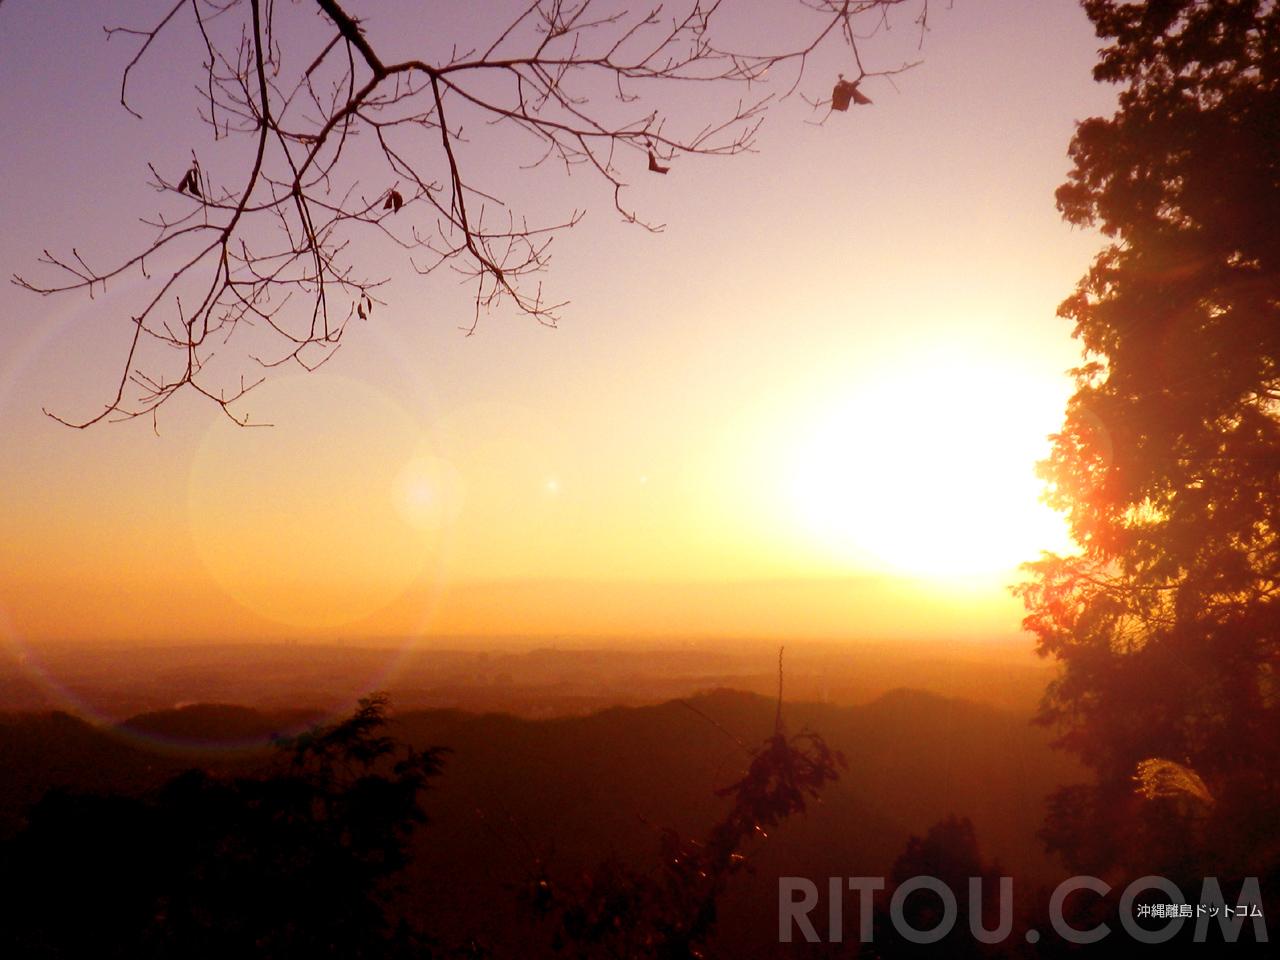 高尾山登山「稲荷山コース」で朝日を楽しみながら快適登山